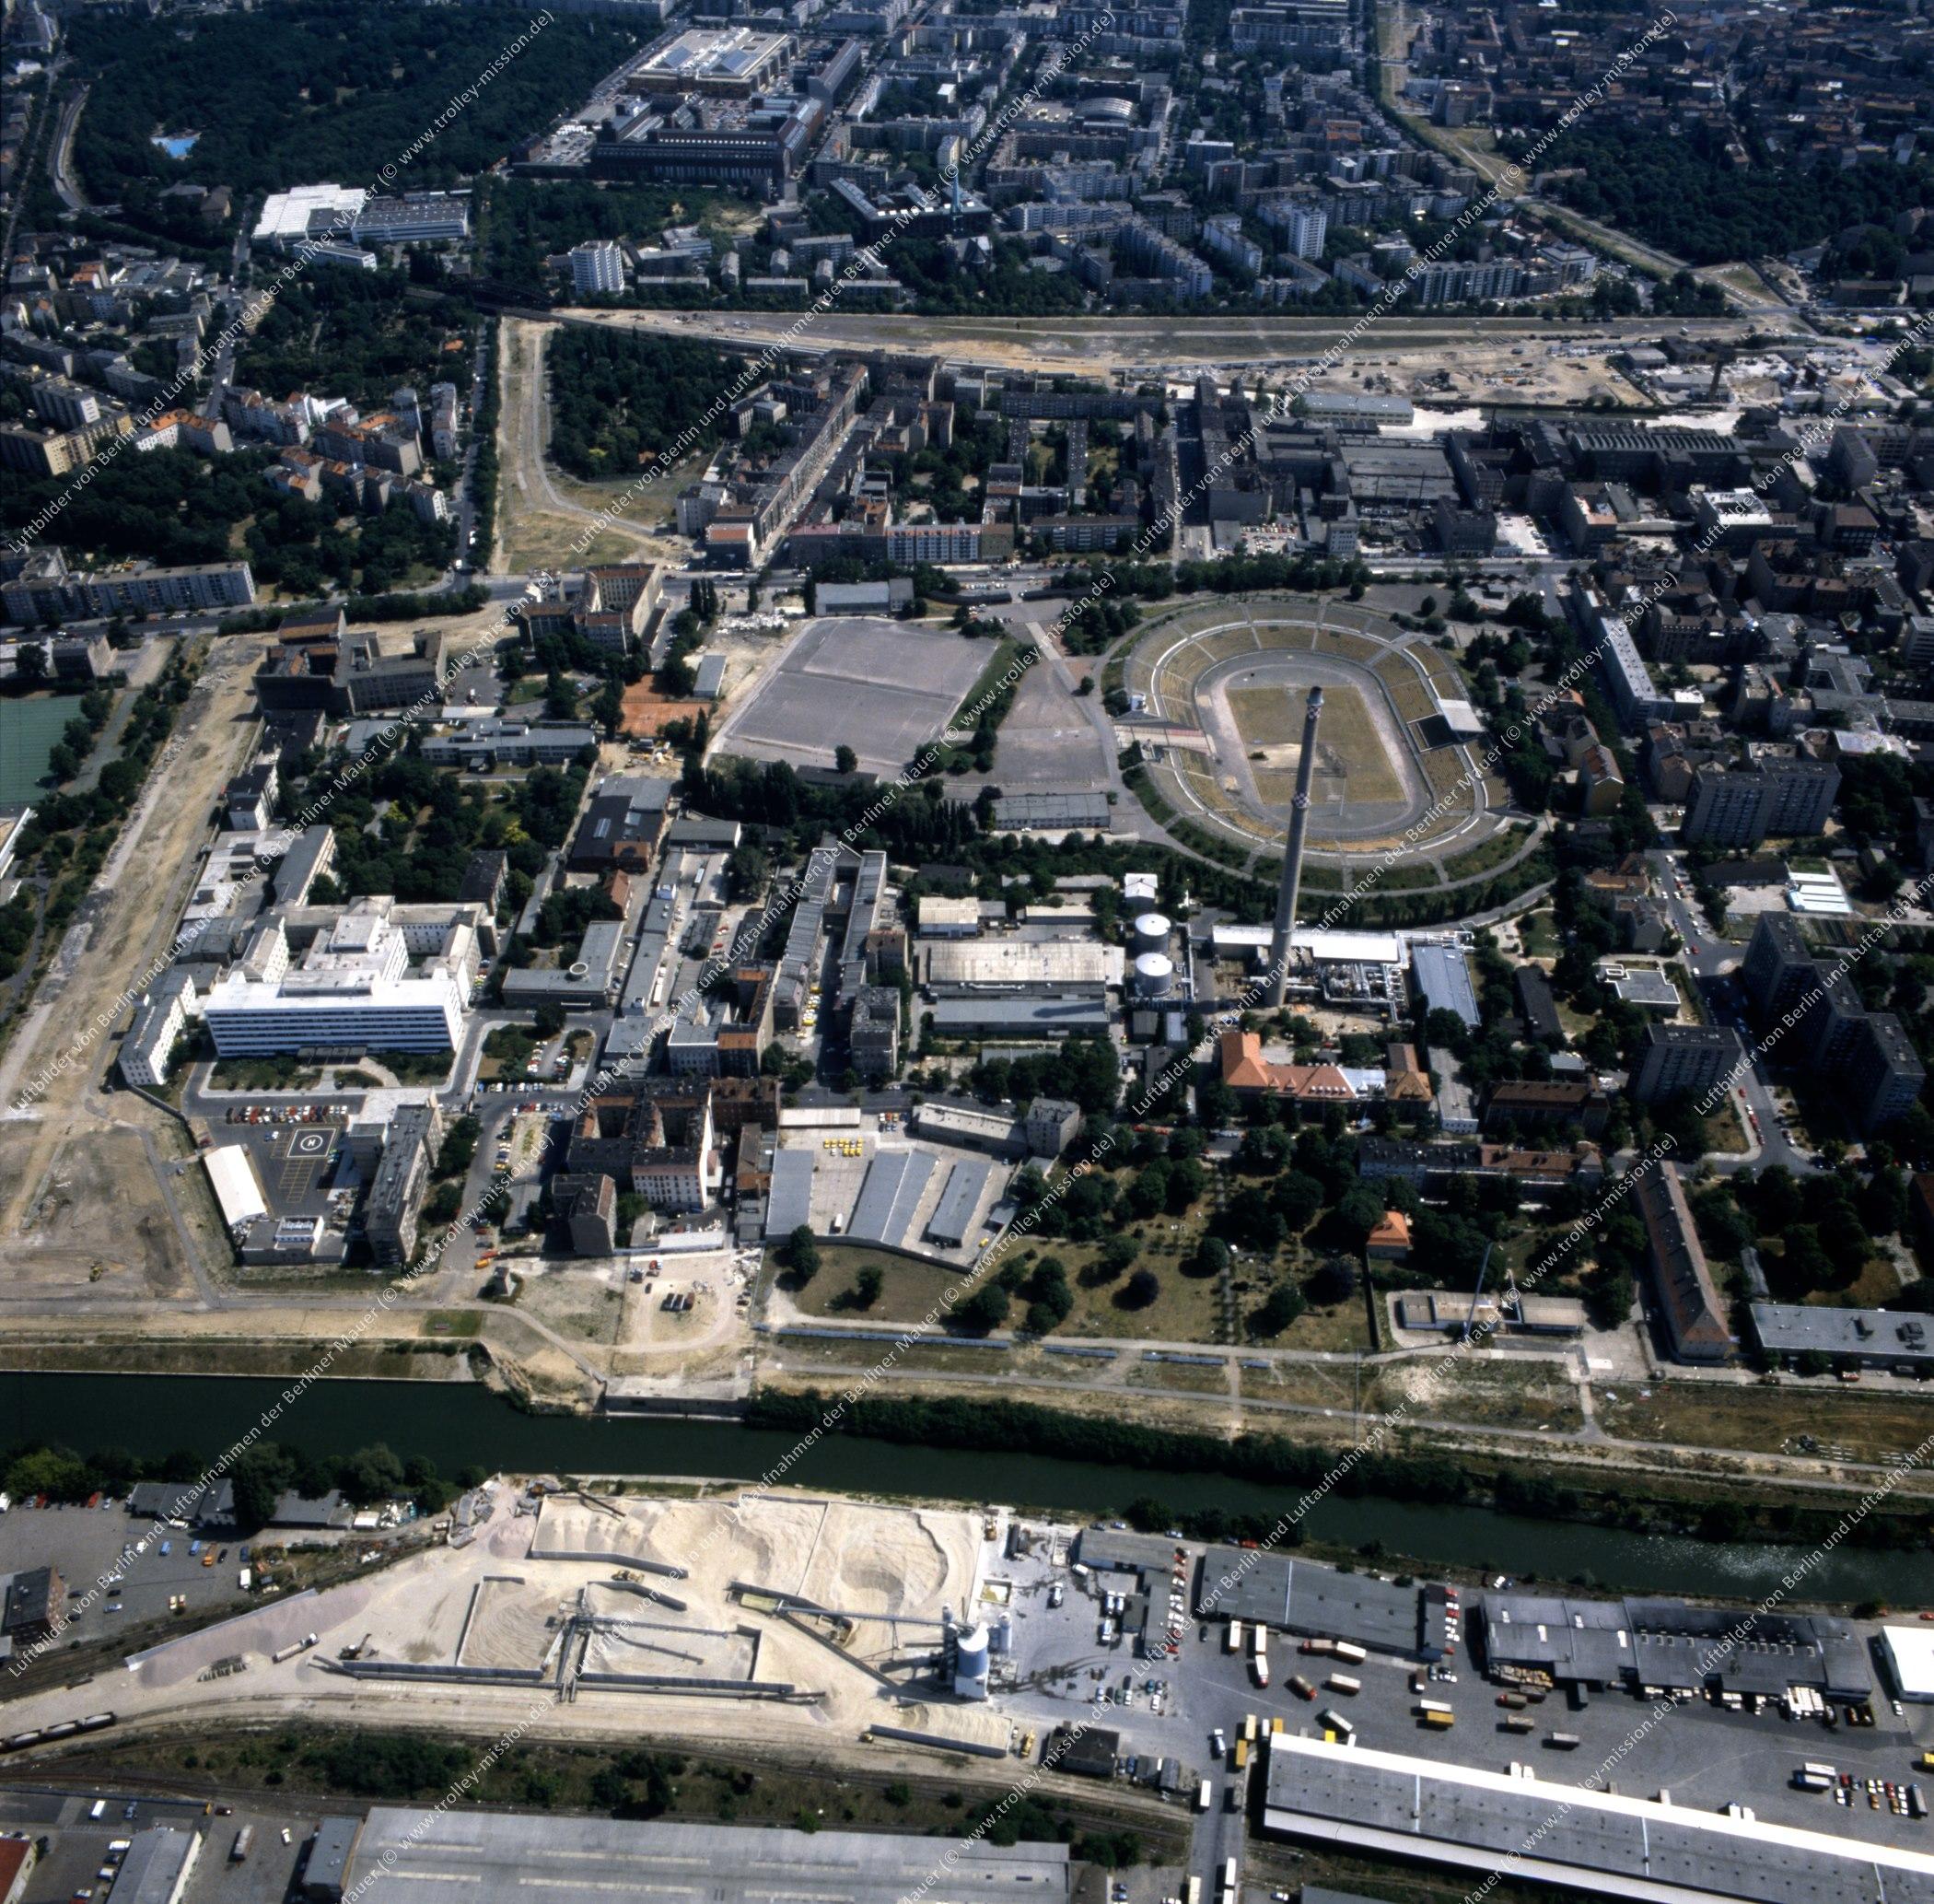 Invalidenpark und Heizkraftwerk der Berliner Städtischen Elektrizitätswerke AG (Bewag) im Bezirk Berlin-Mitte - Luftbild nach der deutschen Wiedervereinigung (Bild 143)